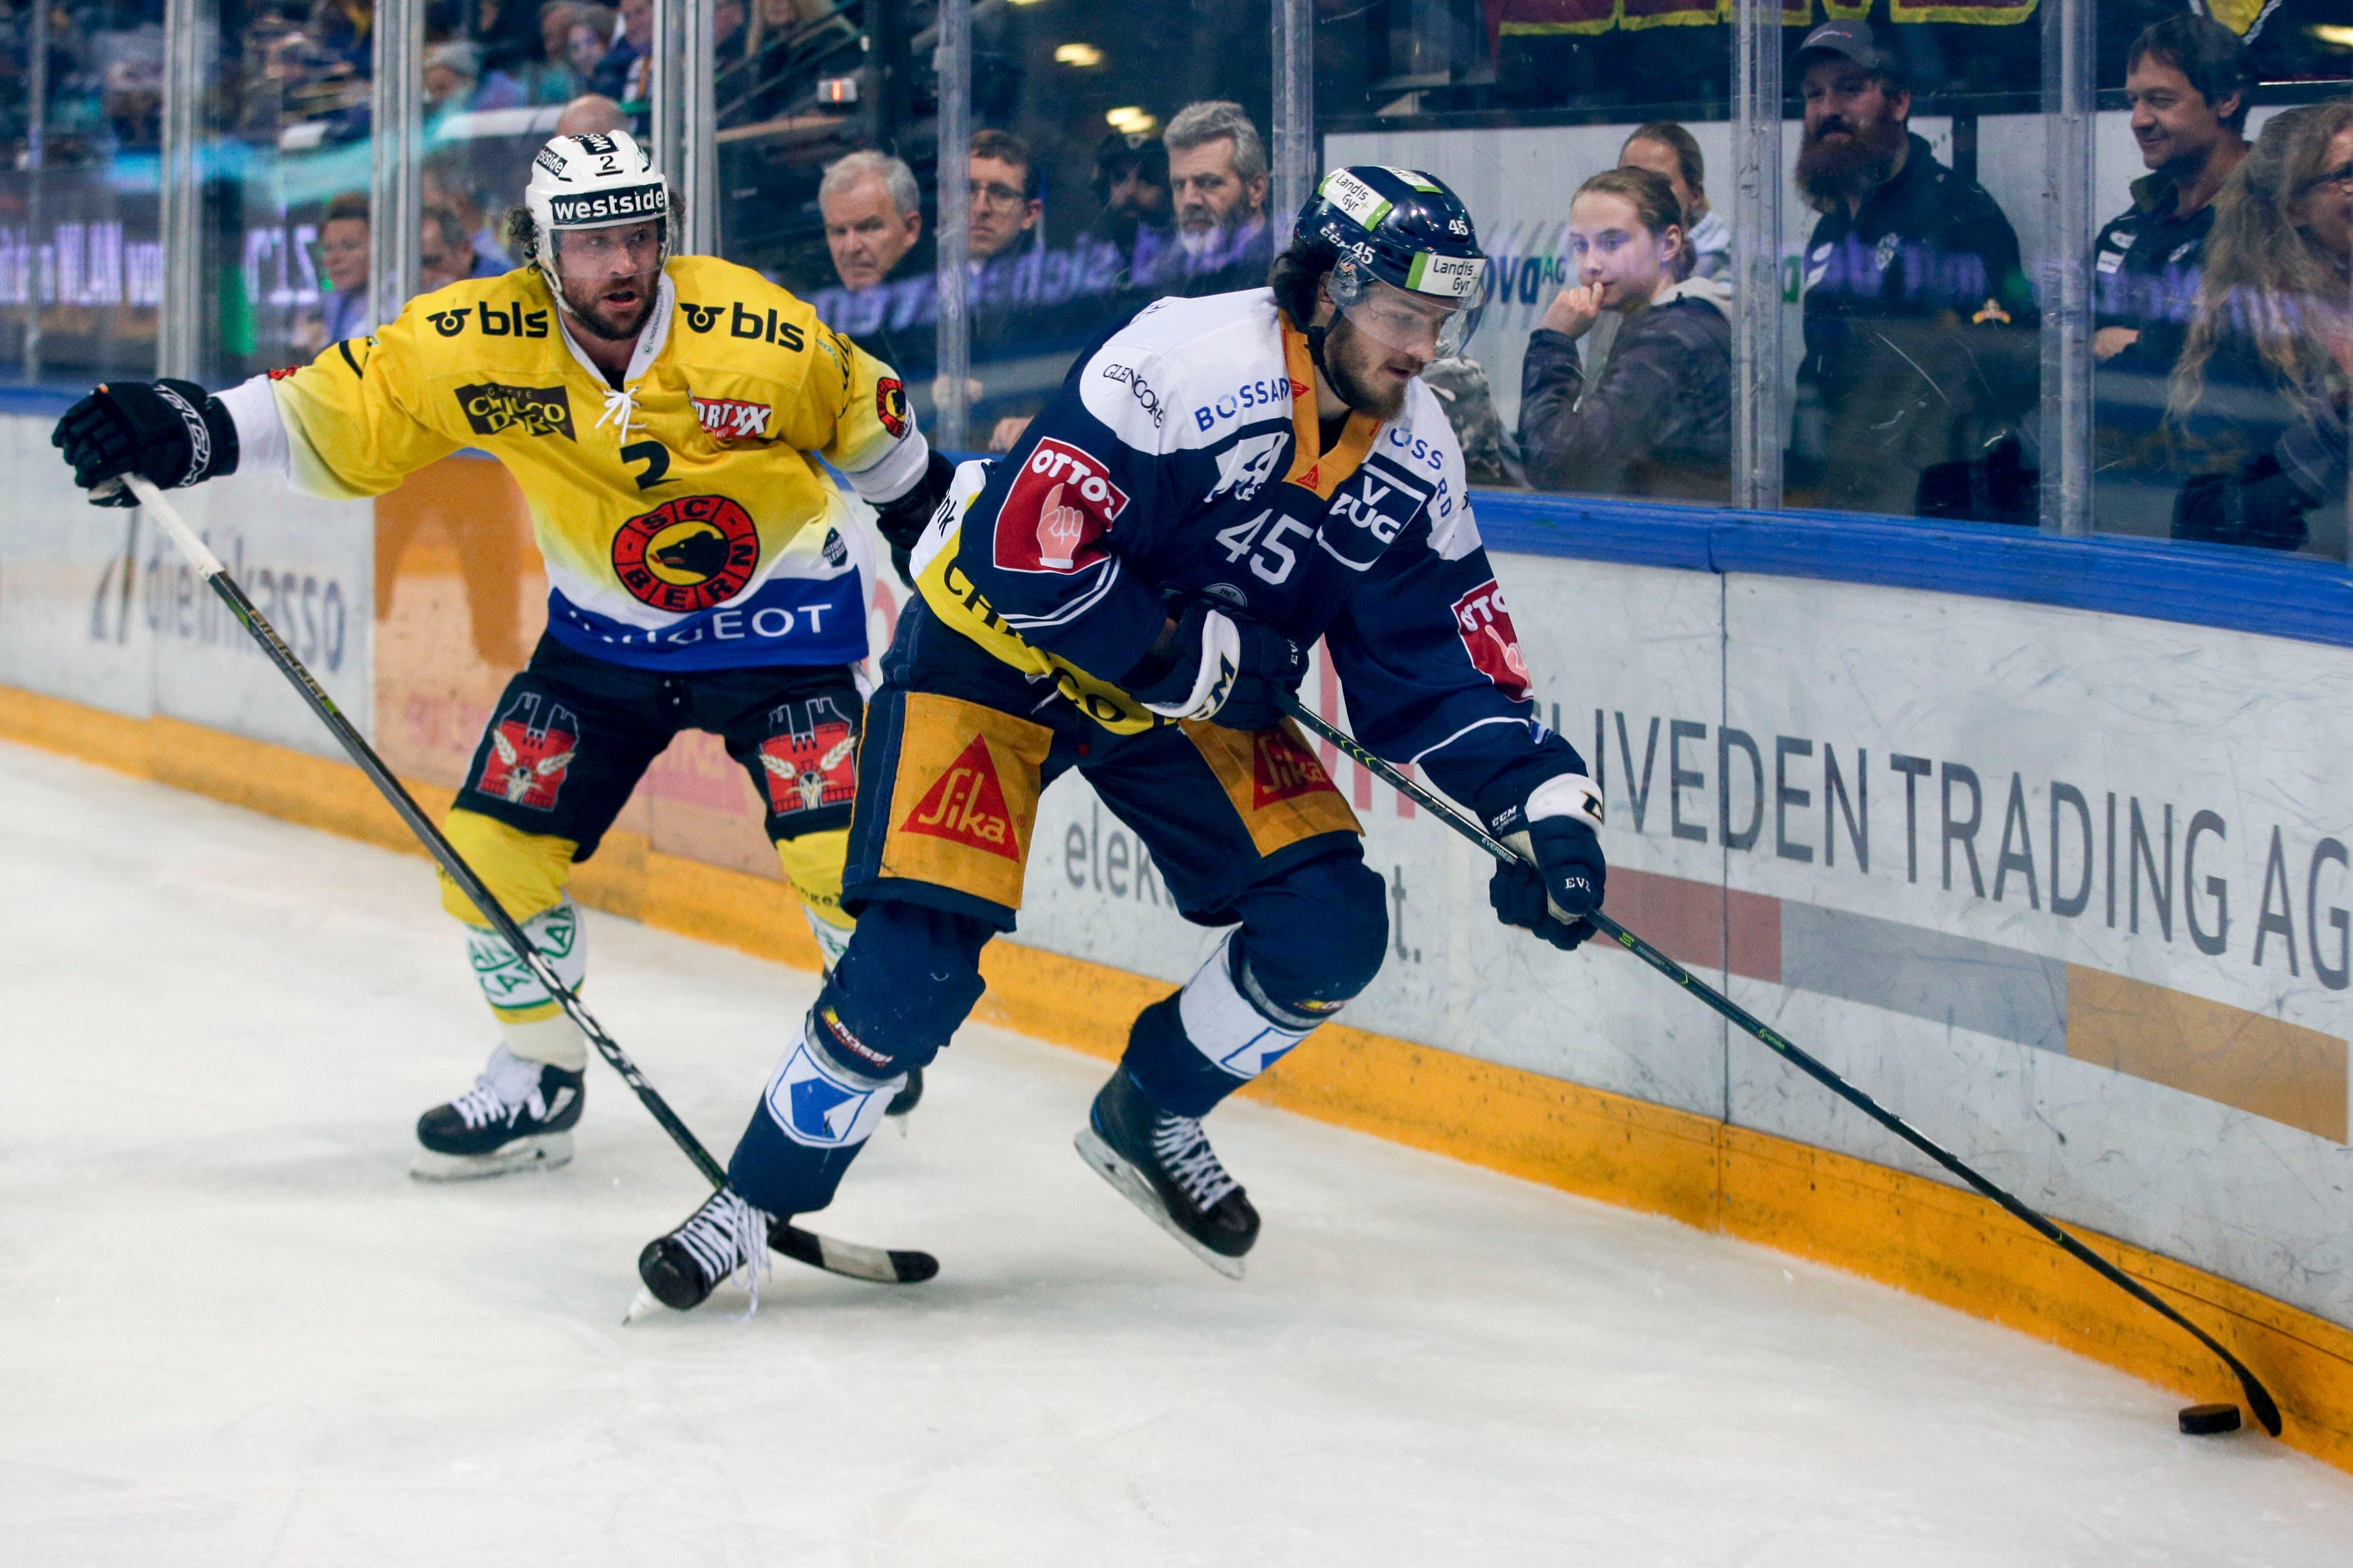 13.04.2019; Zug; Eishockey National League Playoff Final- EV Zug - SC Bern; Beat Gerber (Bern) gegen Dennis Everberg (Zug) (Marc Schumacher/freshfocus)